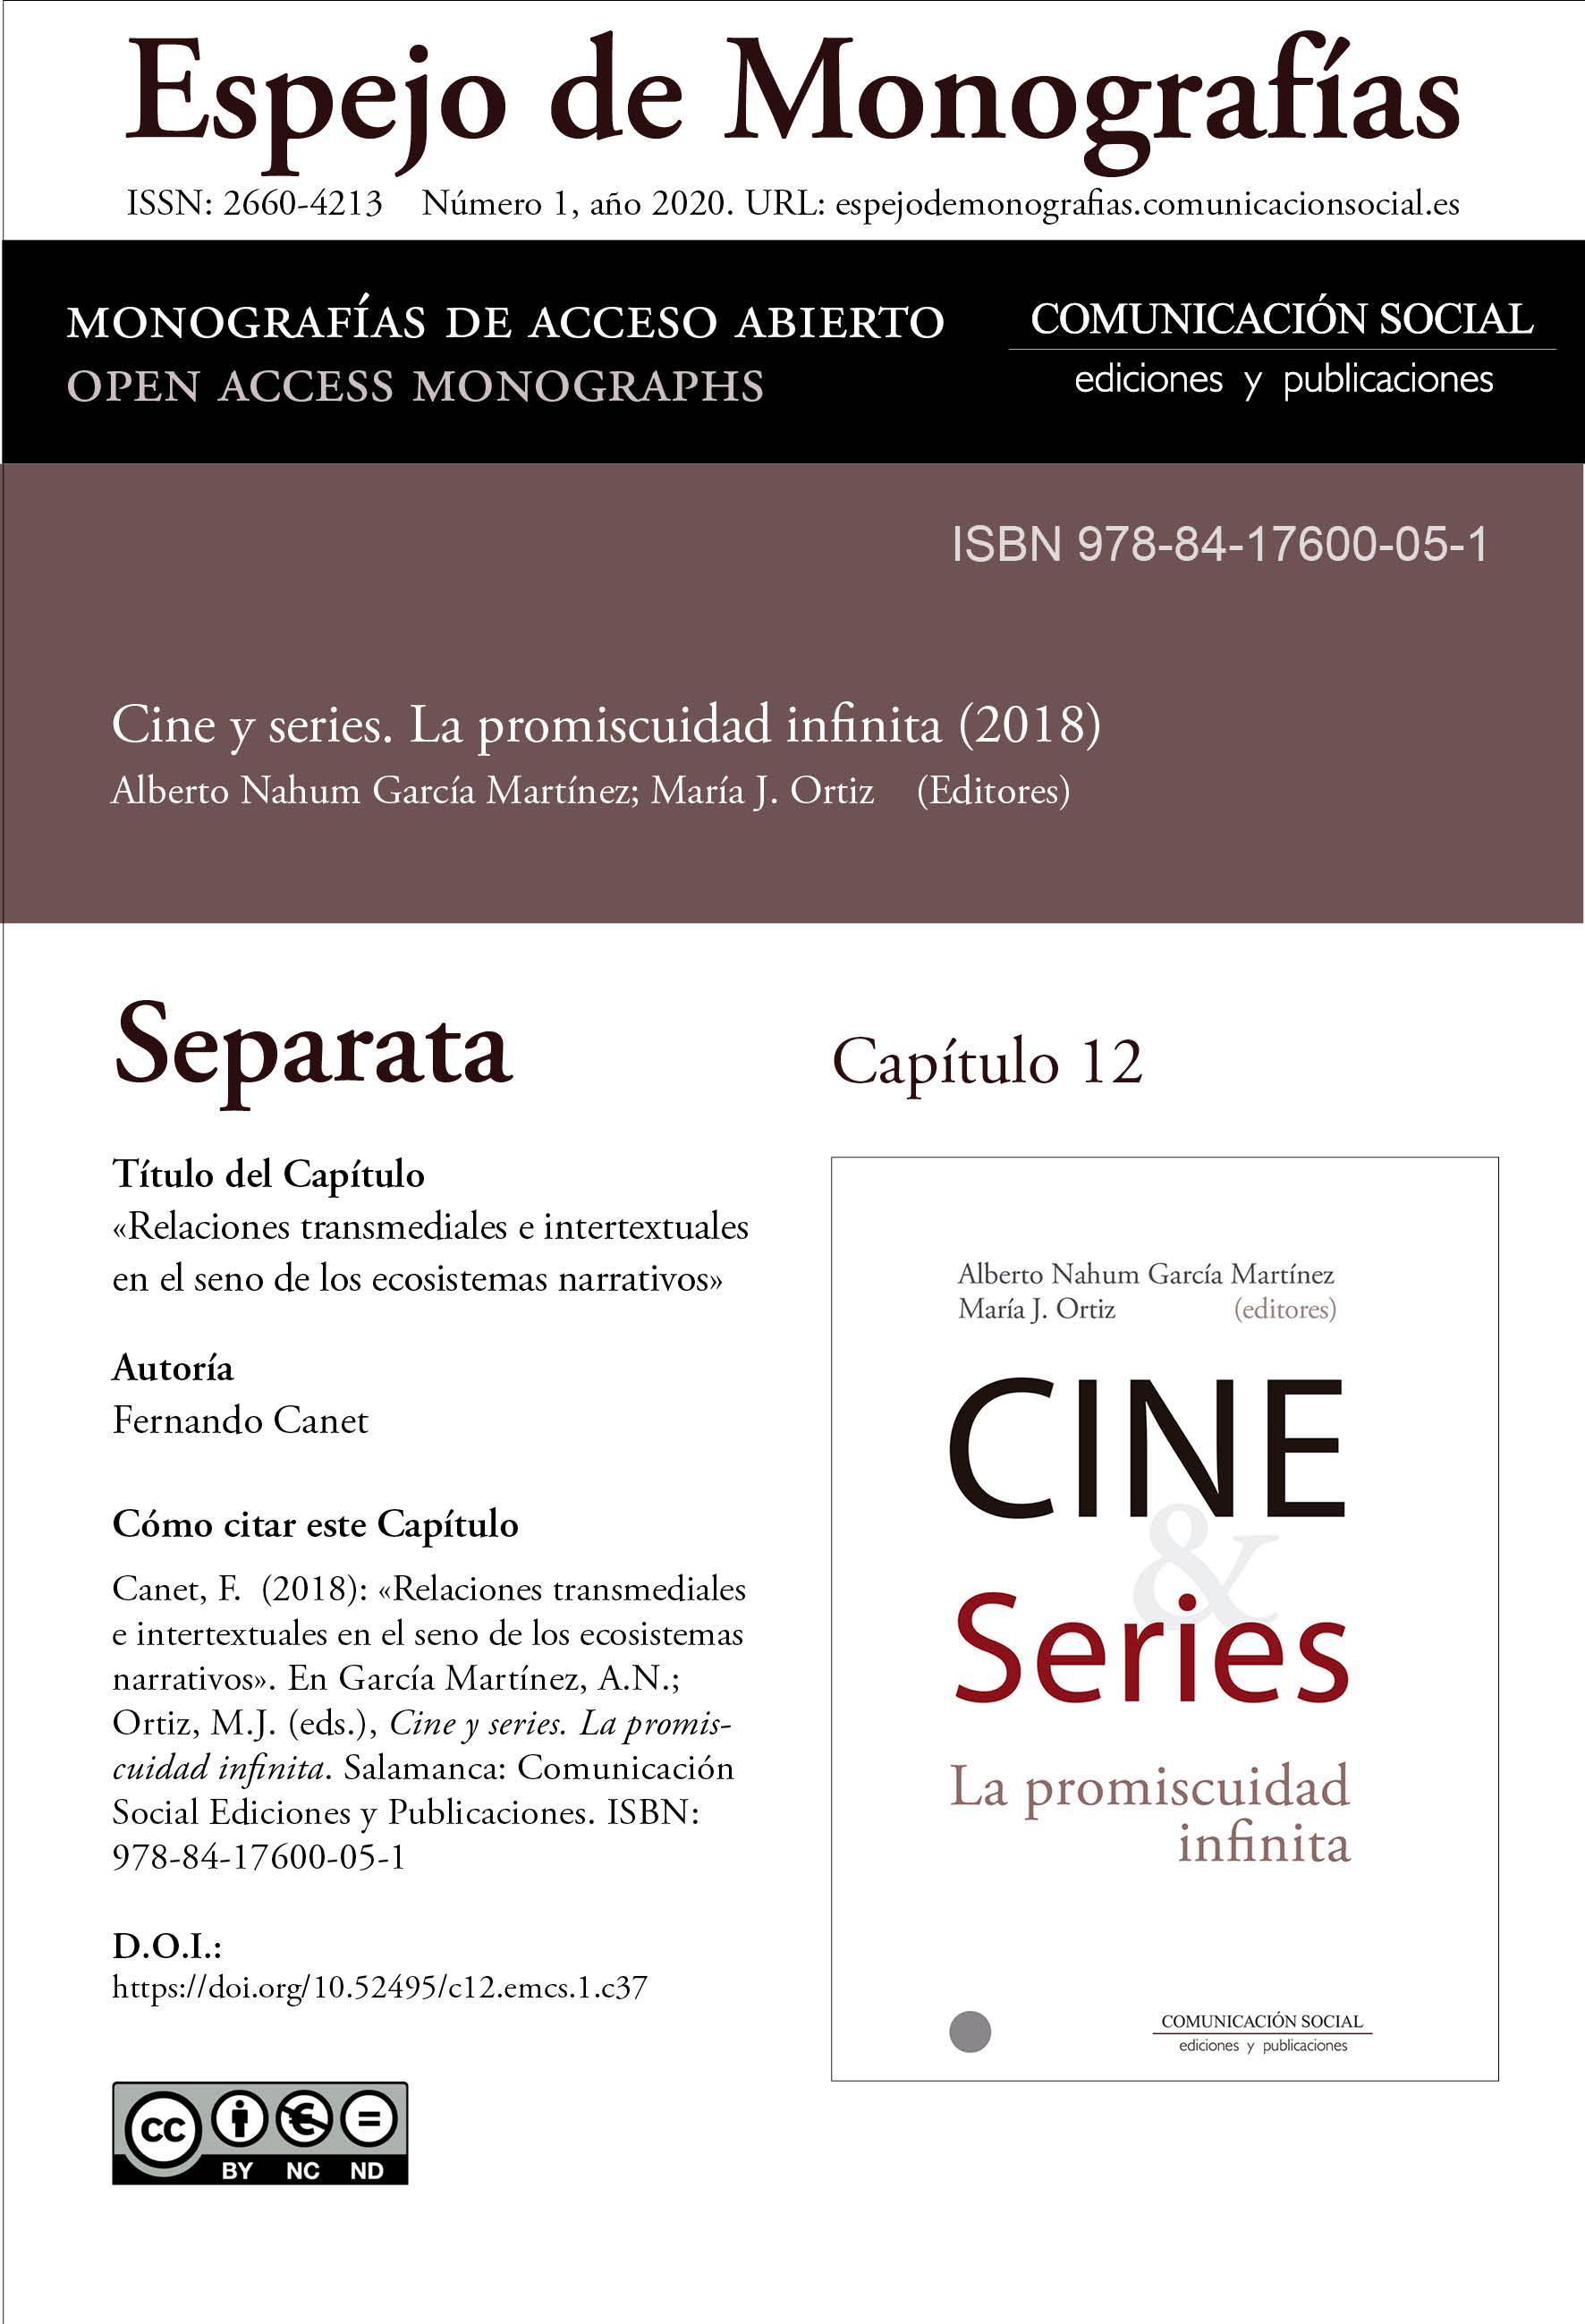 Separata del Capítulo 12 correspondiente a la monografía Cine y series: la promiscuidad infinita